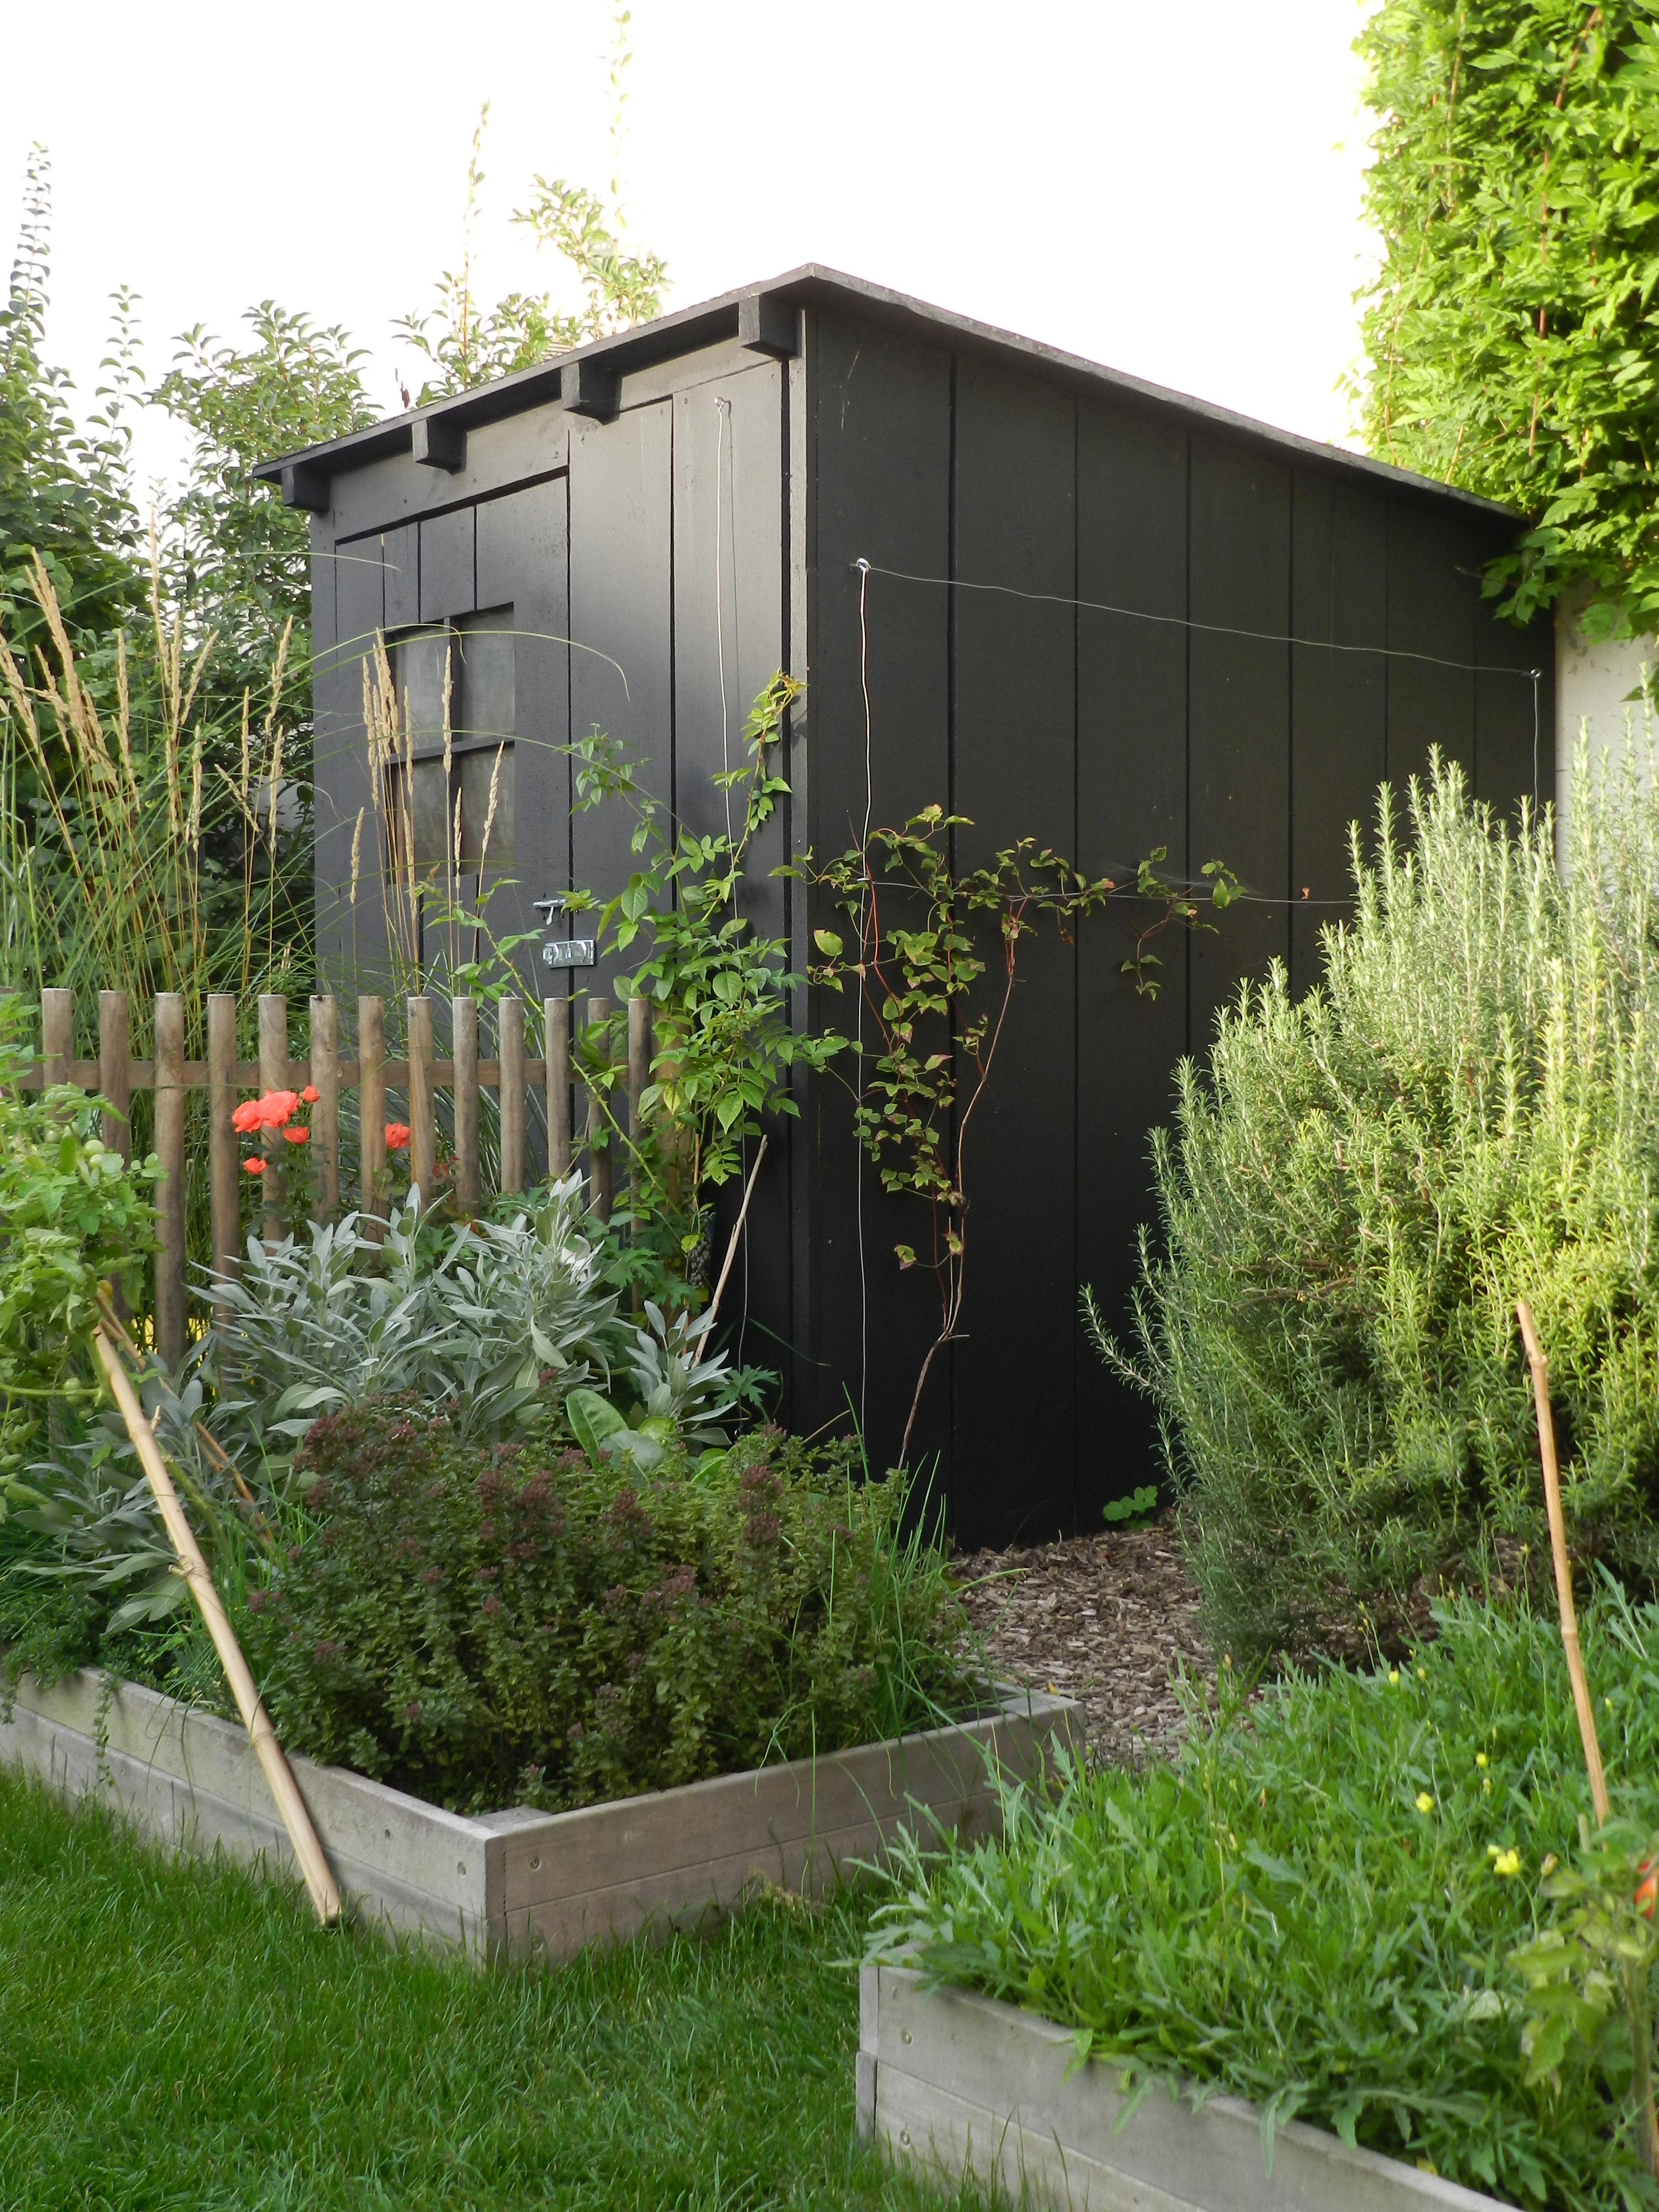 Les jardin champetre orleans maison design - Maison jardin des plantes nantes orleans ...